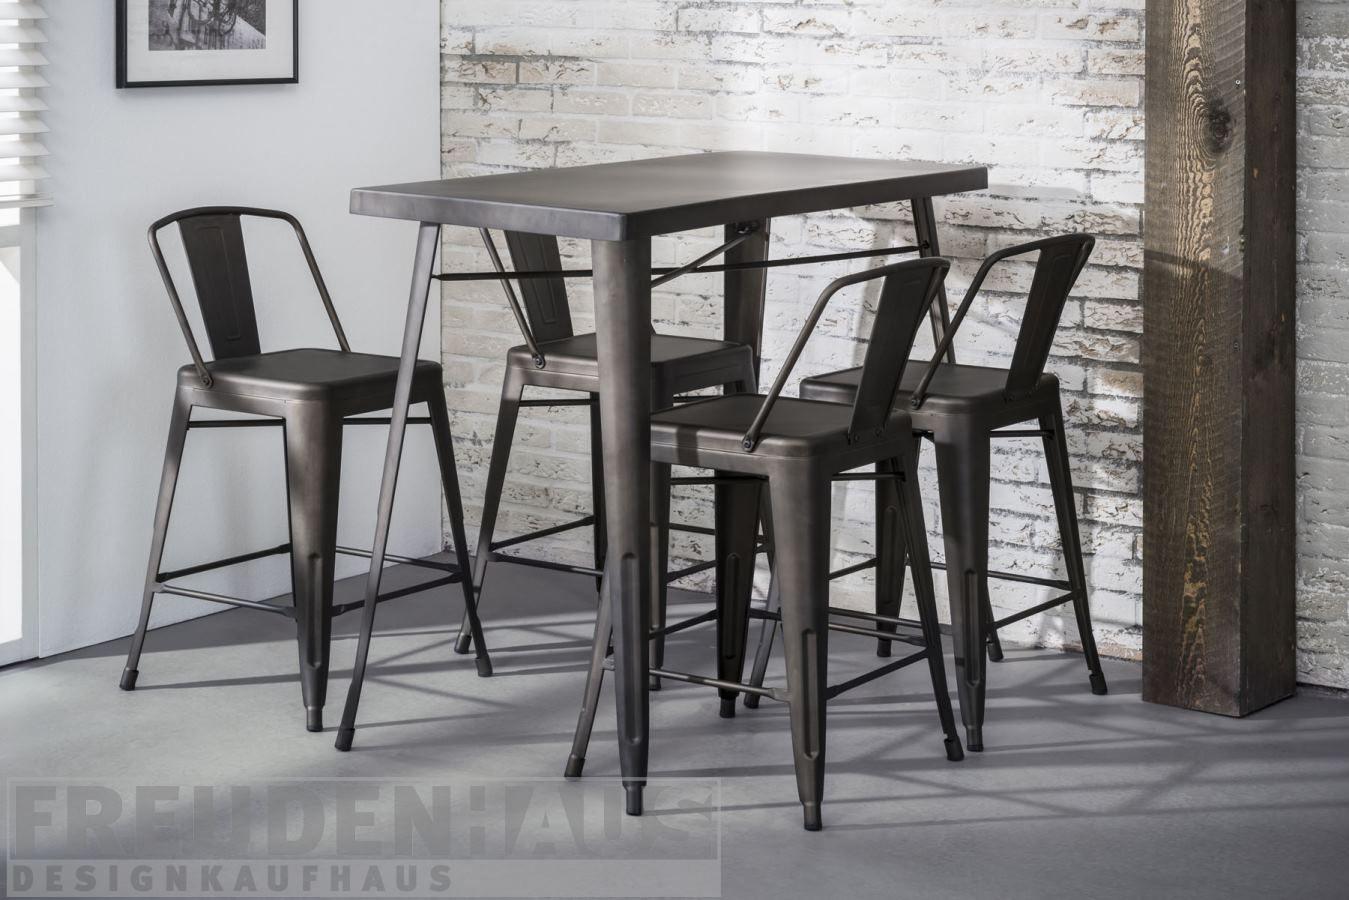 stehtisch bartisch set bistro metall industrial 120 x 60 4 barhocker k chenbars bartisch. Black Bedroom Furniture Sets. Home Design Ideas